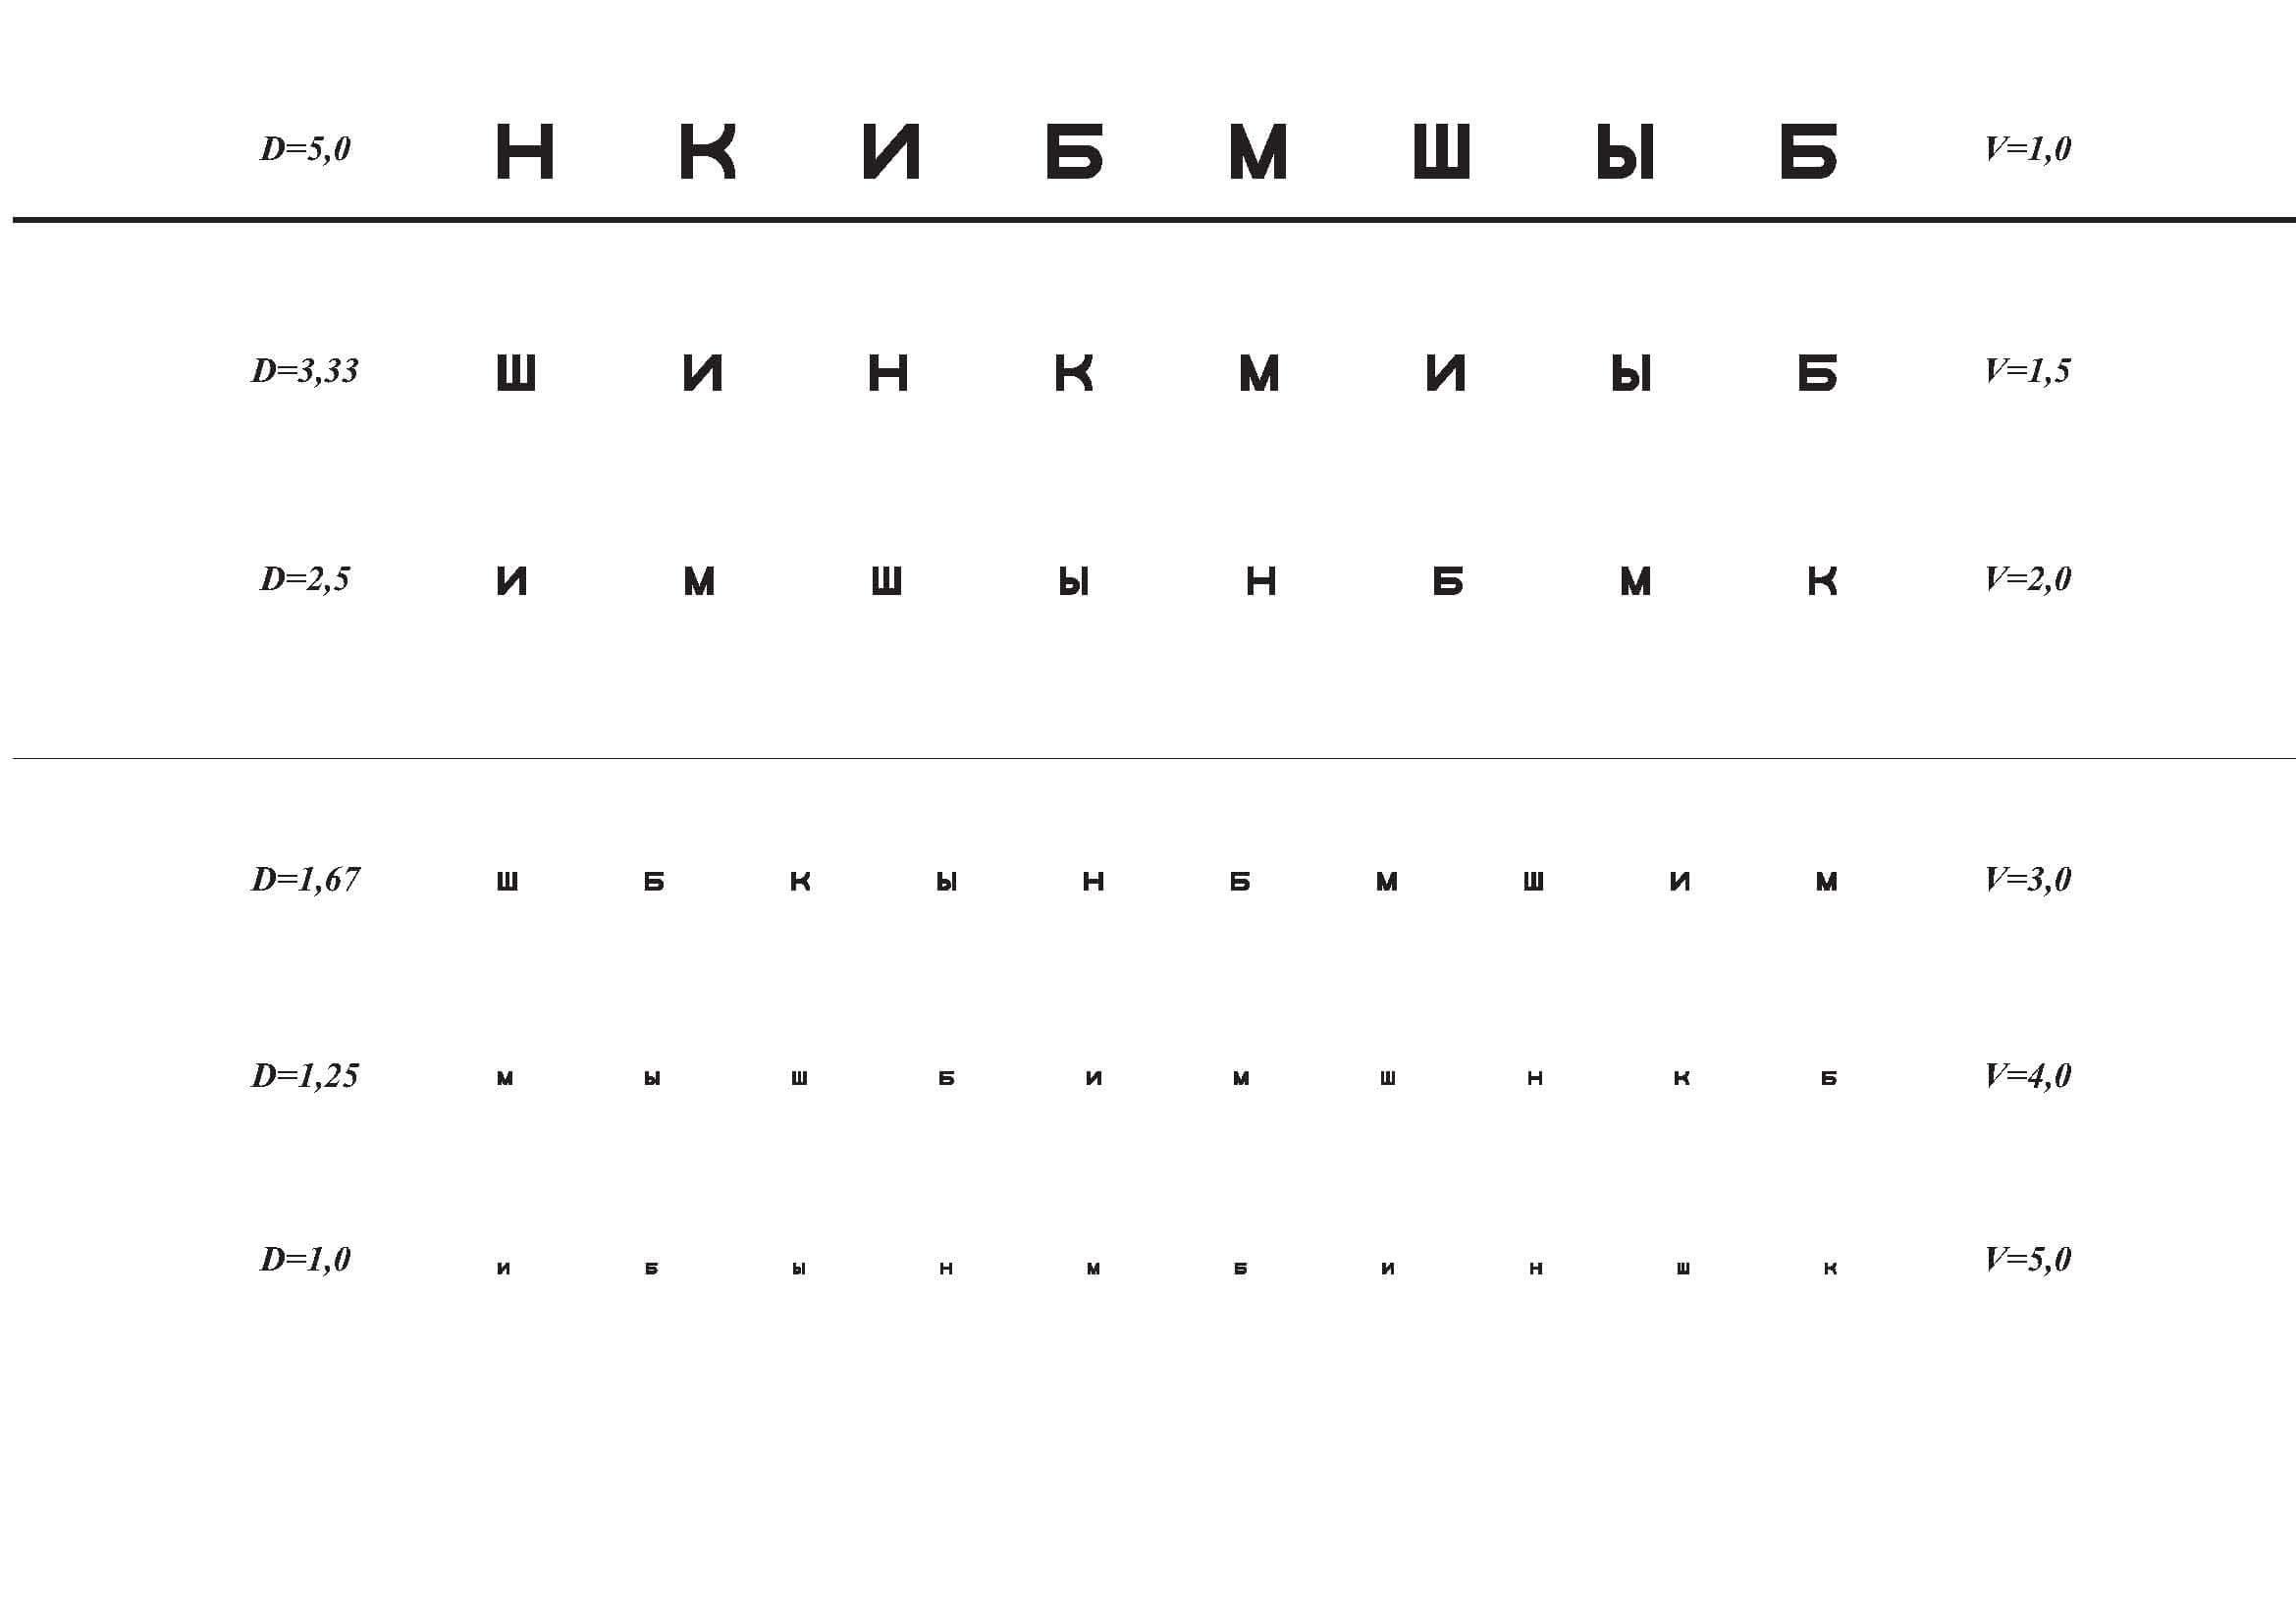 Optometrista látásteszt betűk - A4-es látásteszt tábla